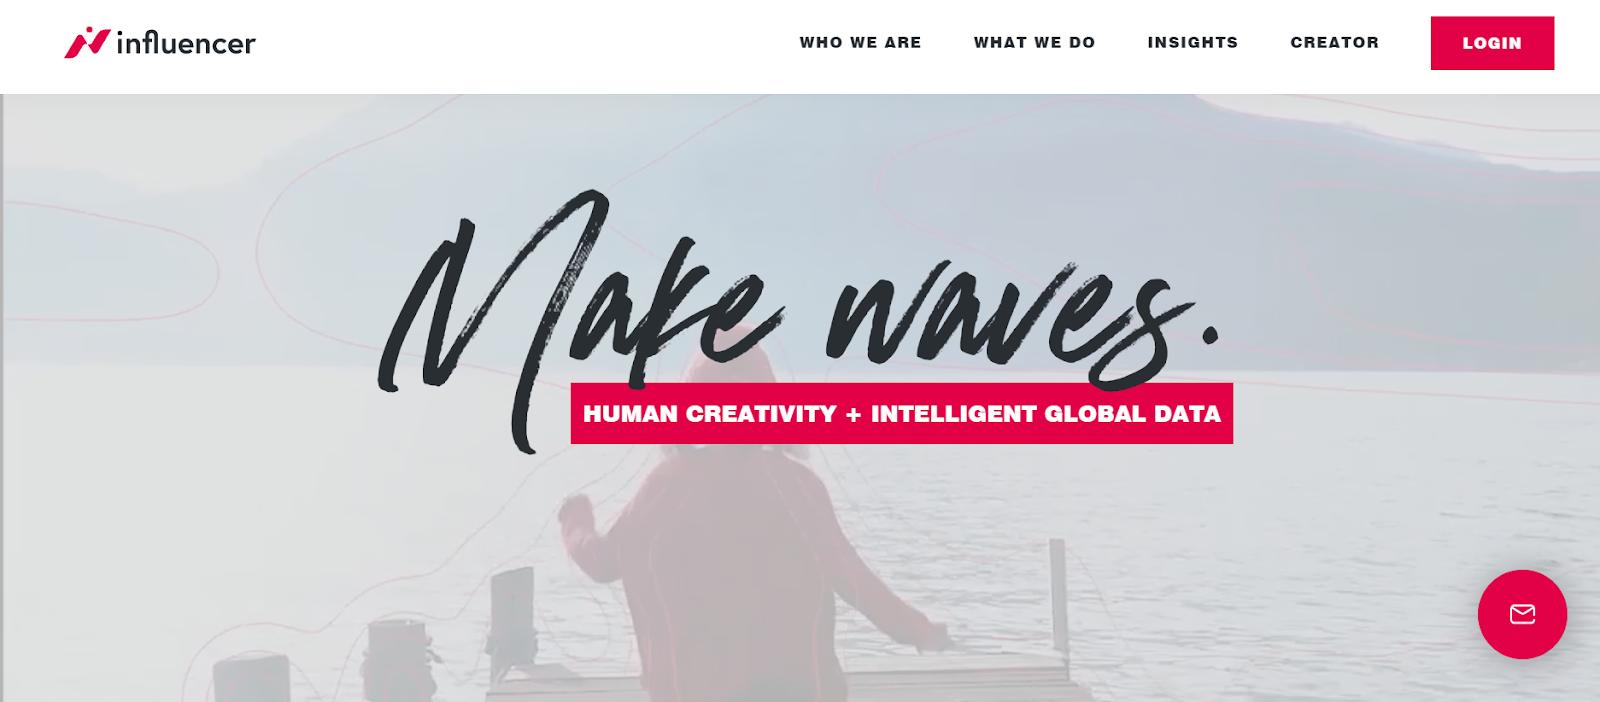 InfluencerCOM Influencer Marketing Agency